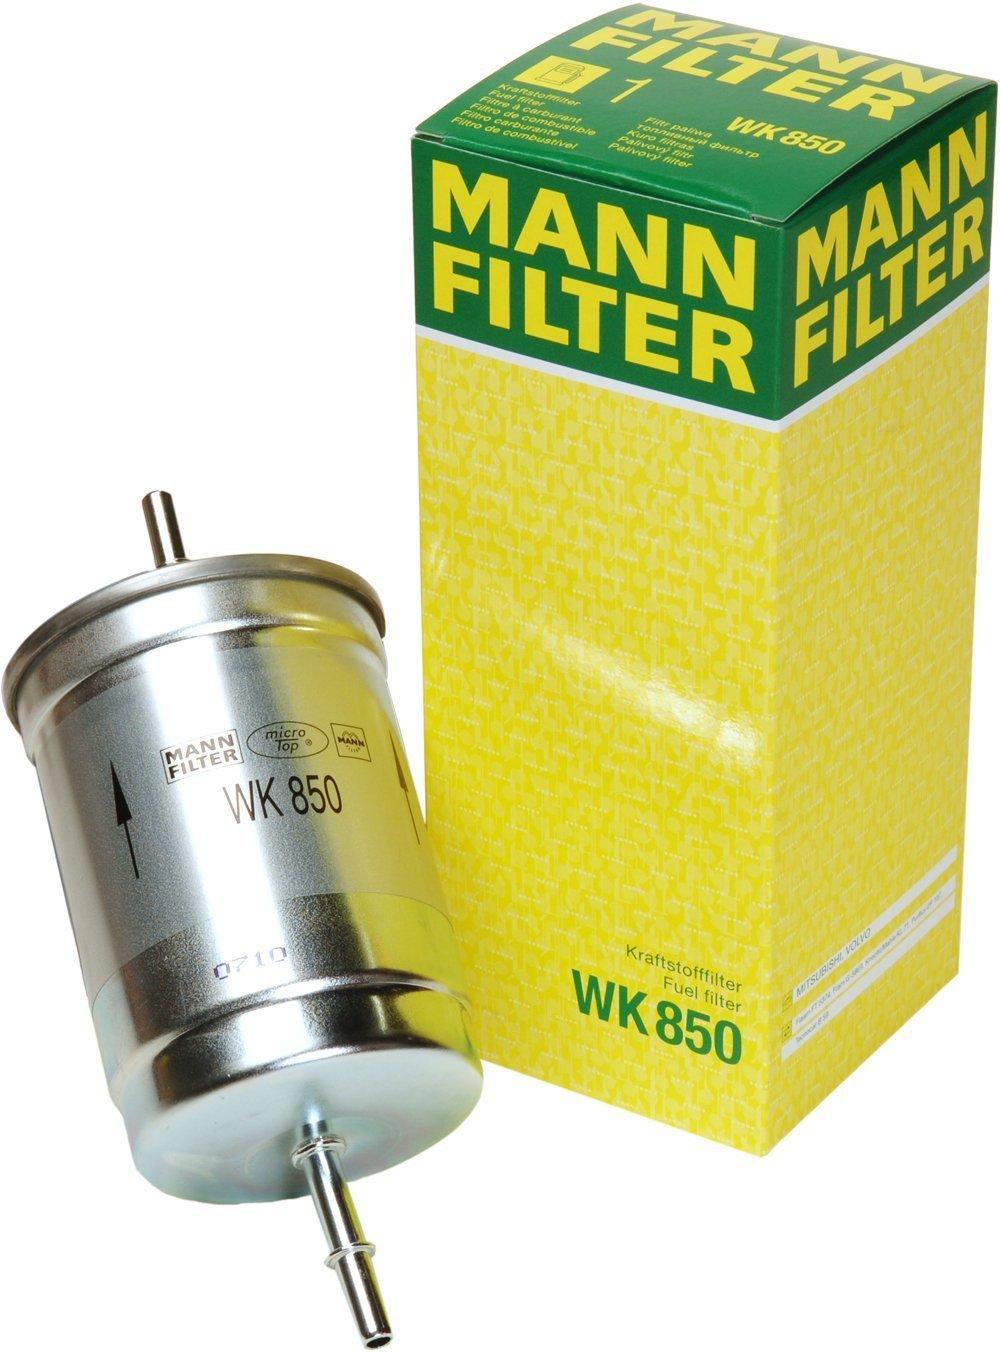 Mann Filter Wk 850 Fuel Automotive 2010 Volvo S80